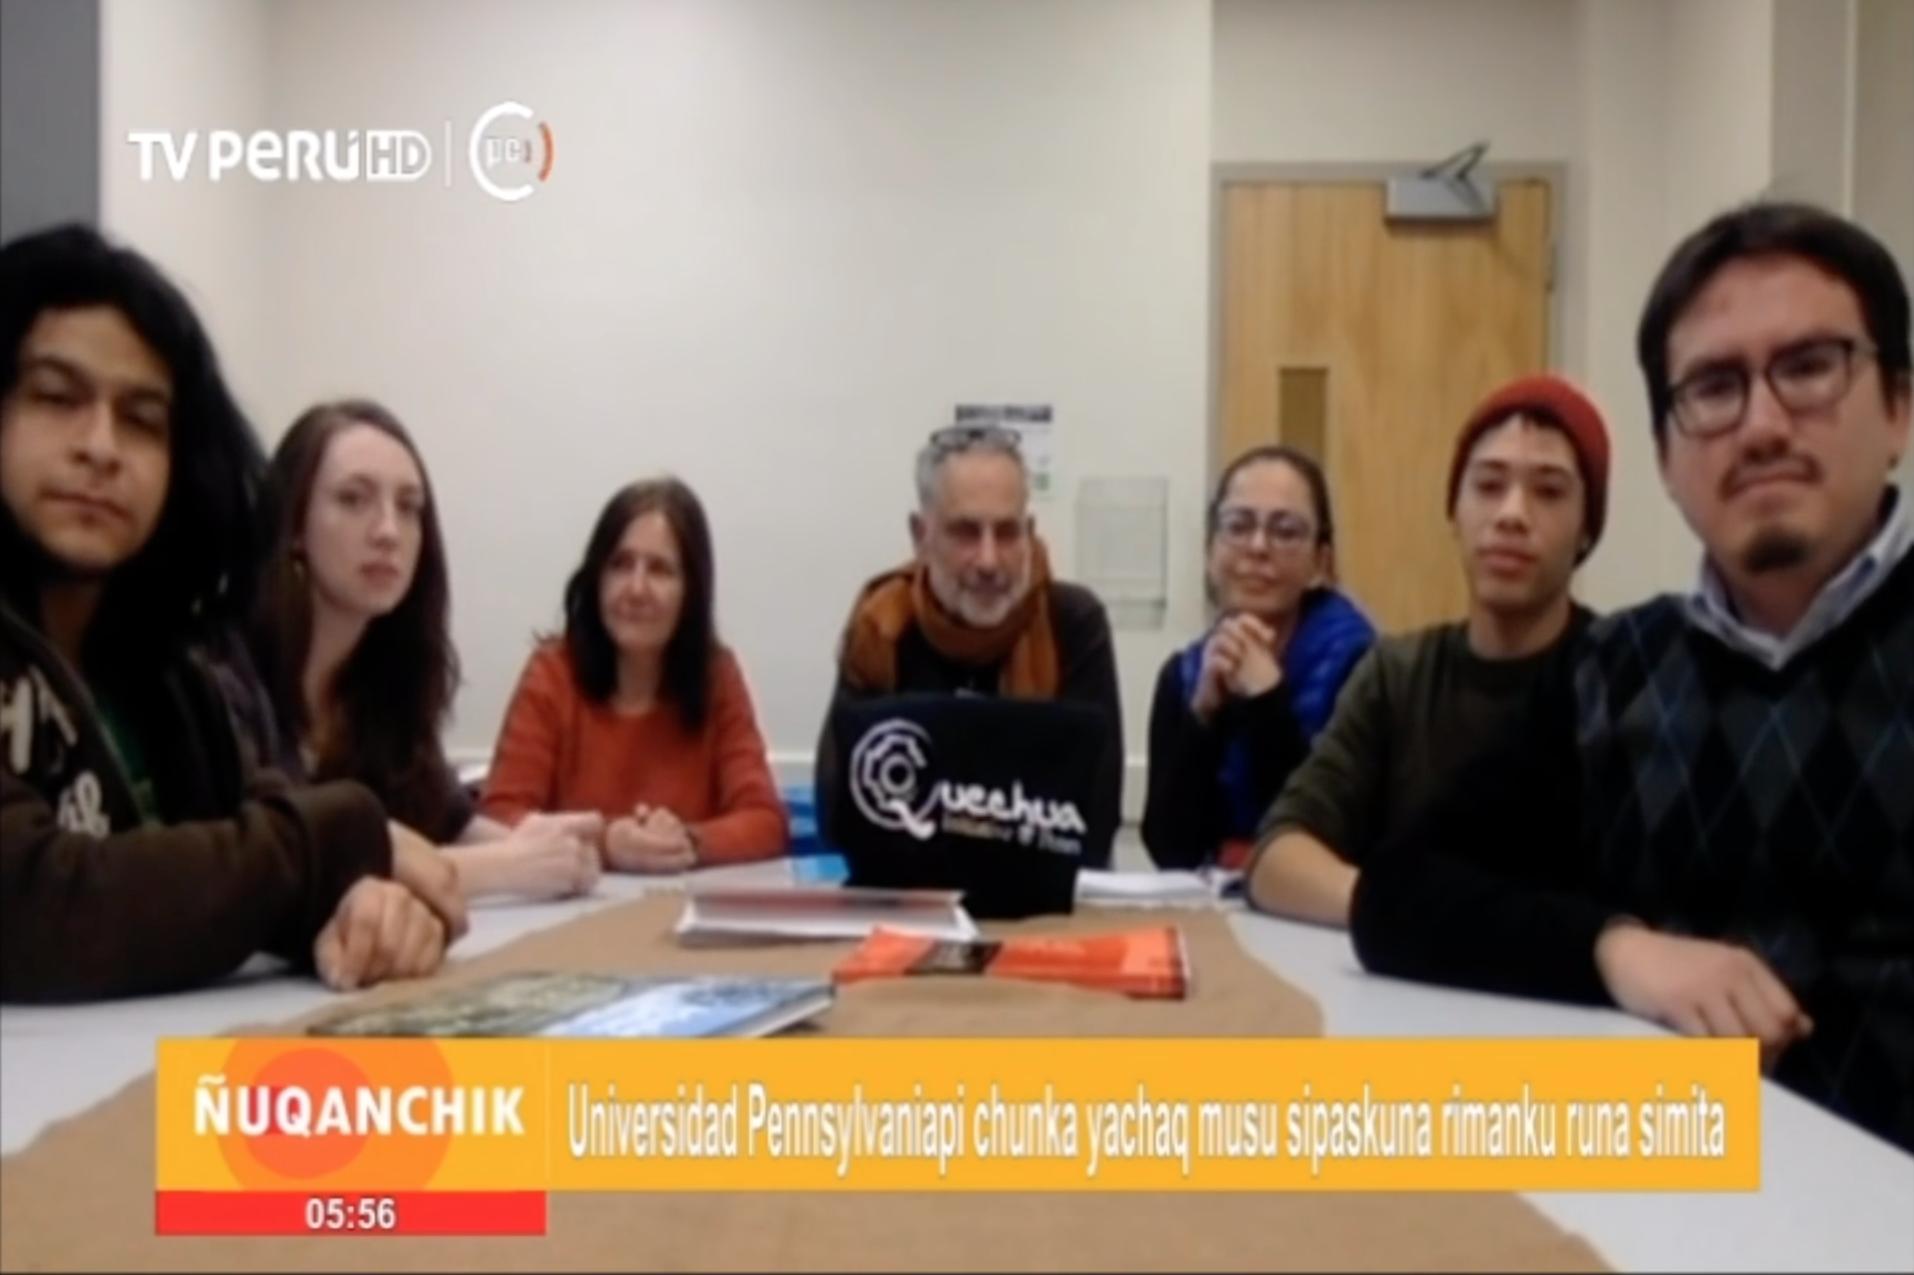 nuqanchik_quechua_upenn